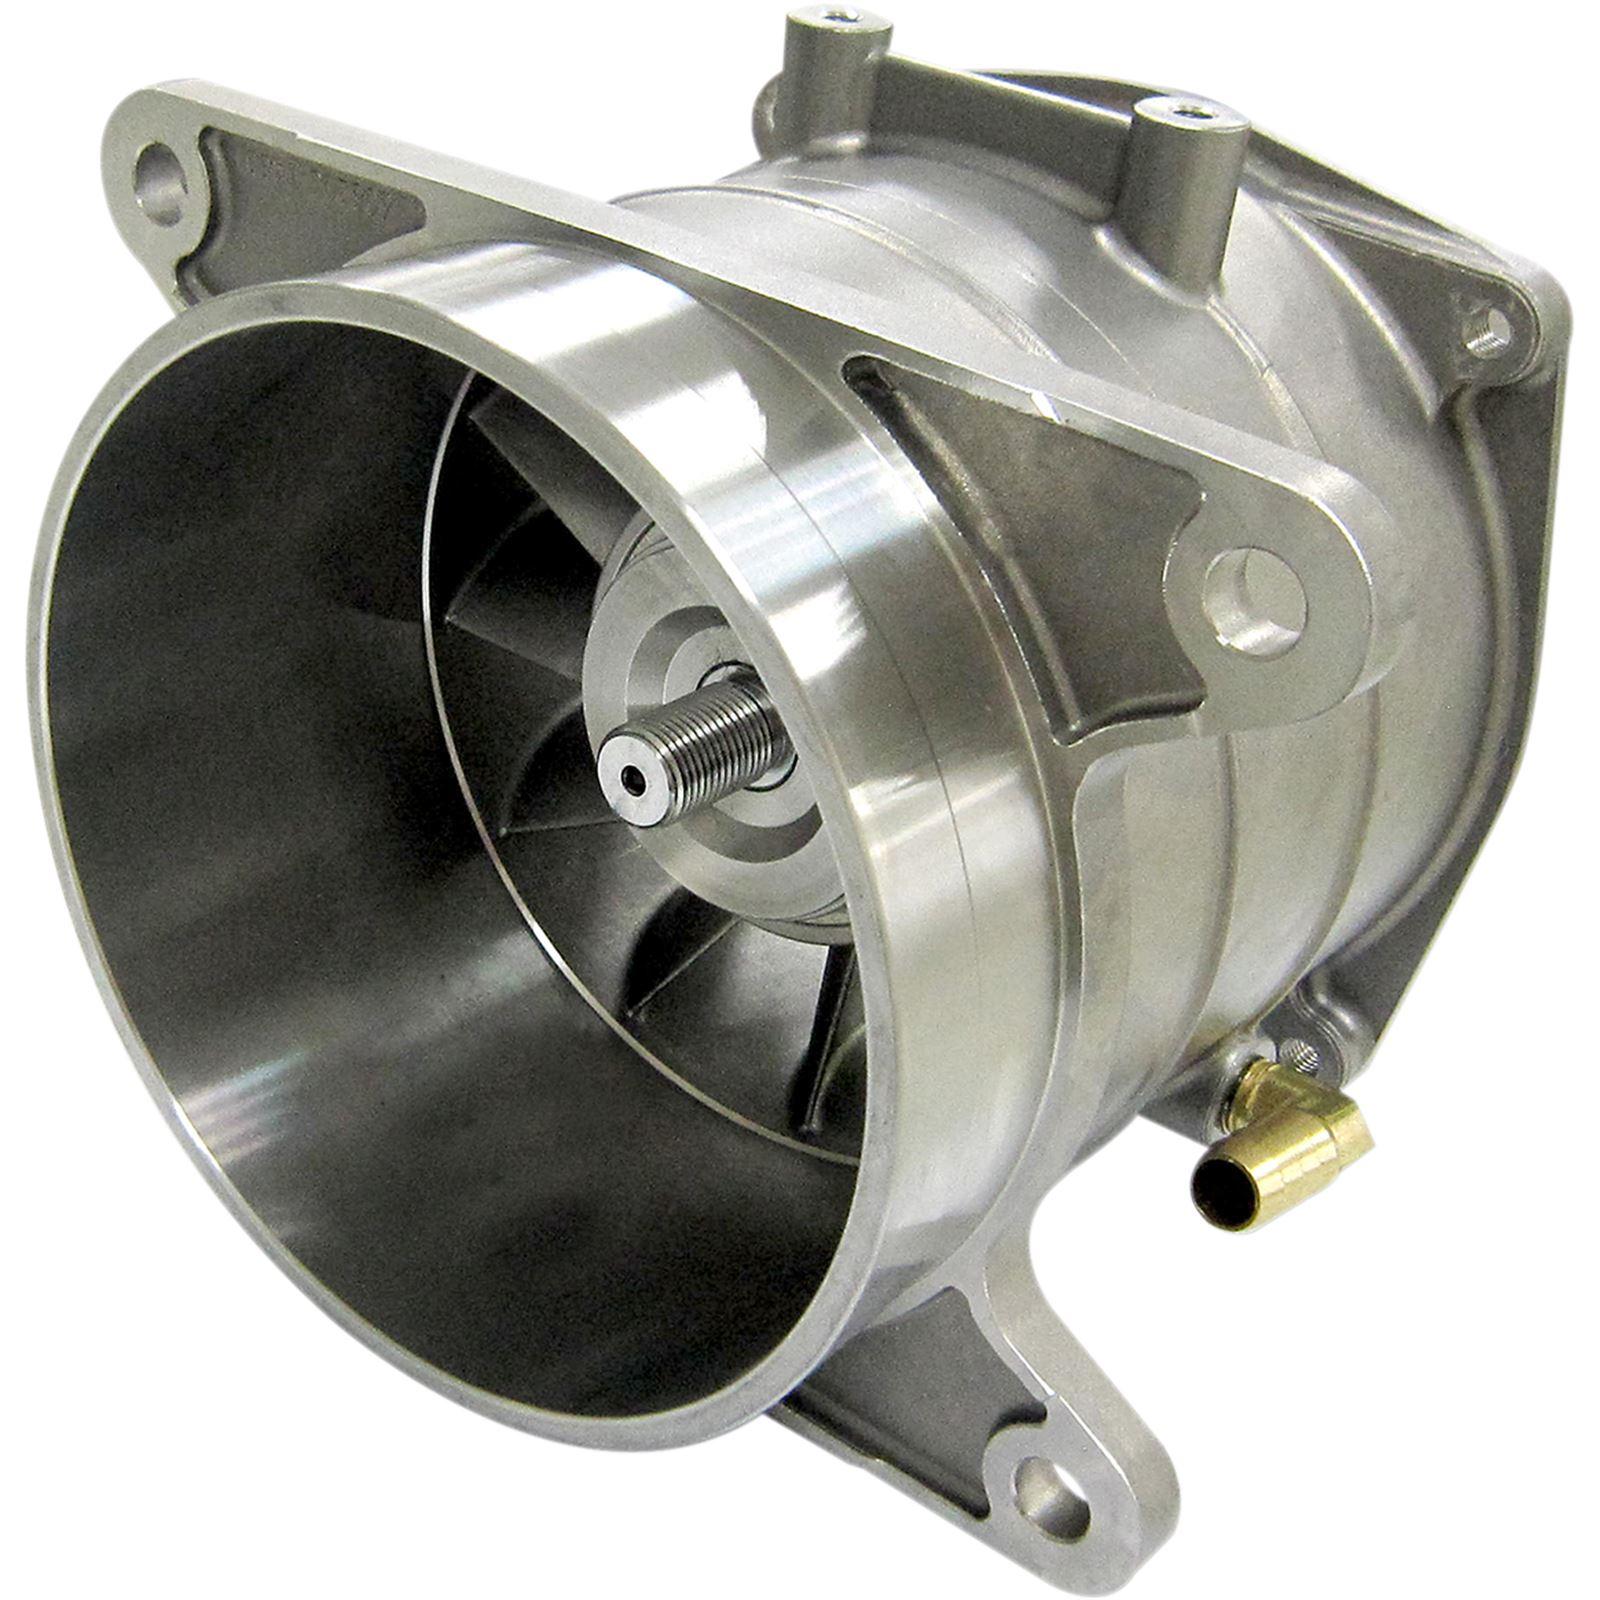 Solas Pump Assembly for Kawasaki STX